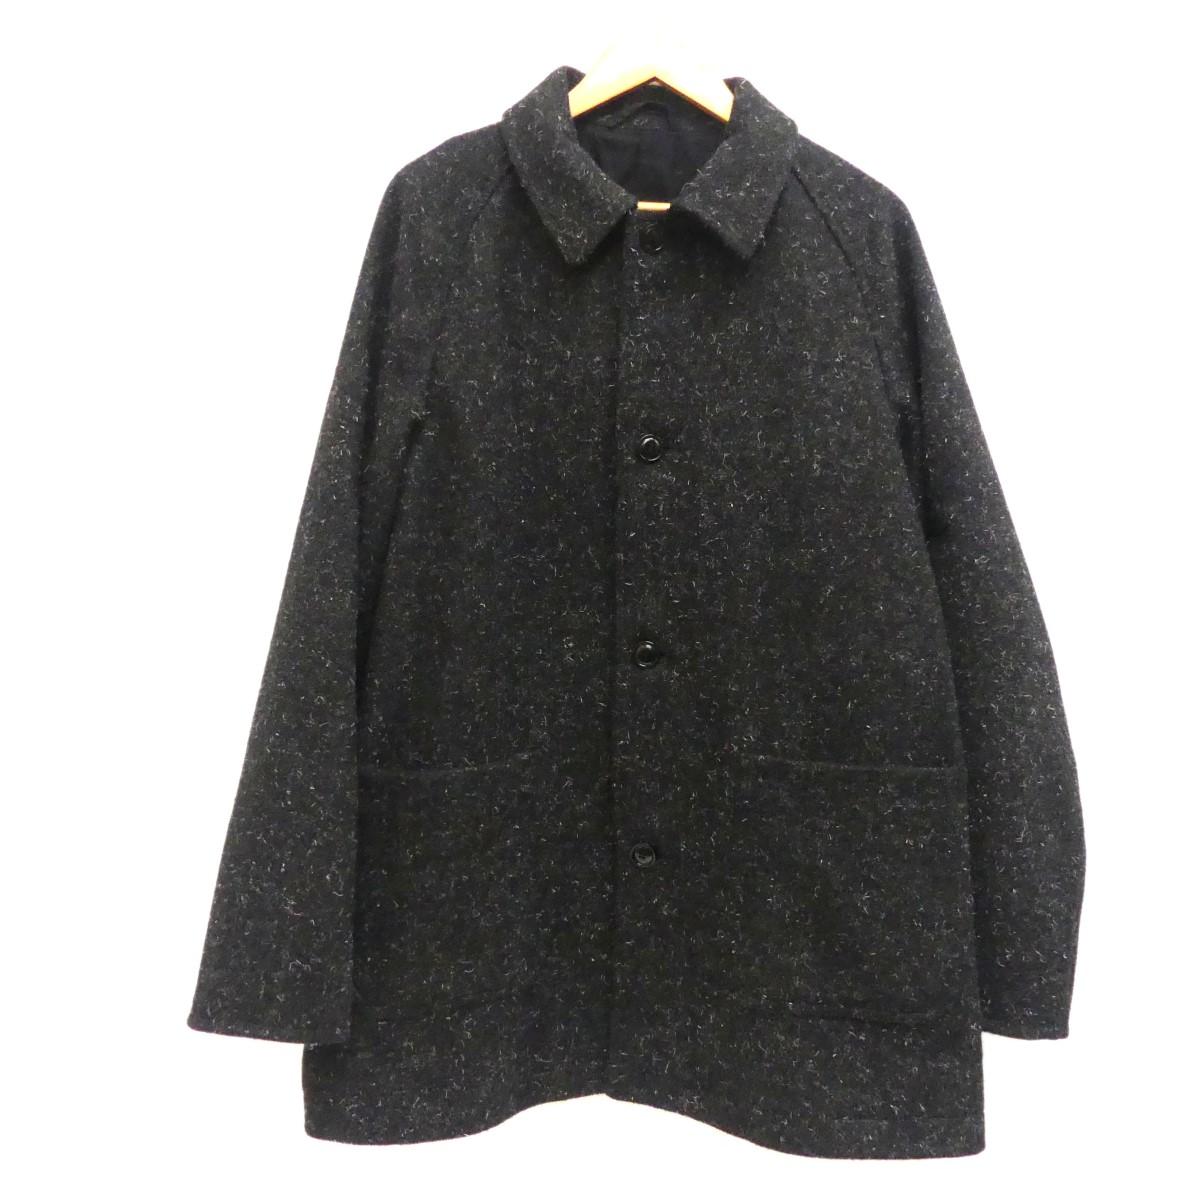 【中古】nest Robe CONFECT 2018AW Kemp Melton Soutien Collar Coat メルトンコート ブラック サイズ:3 【081219】(ネストローブコンフェクト)